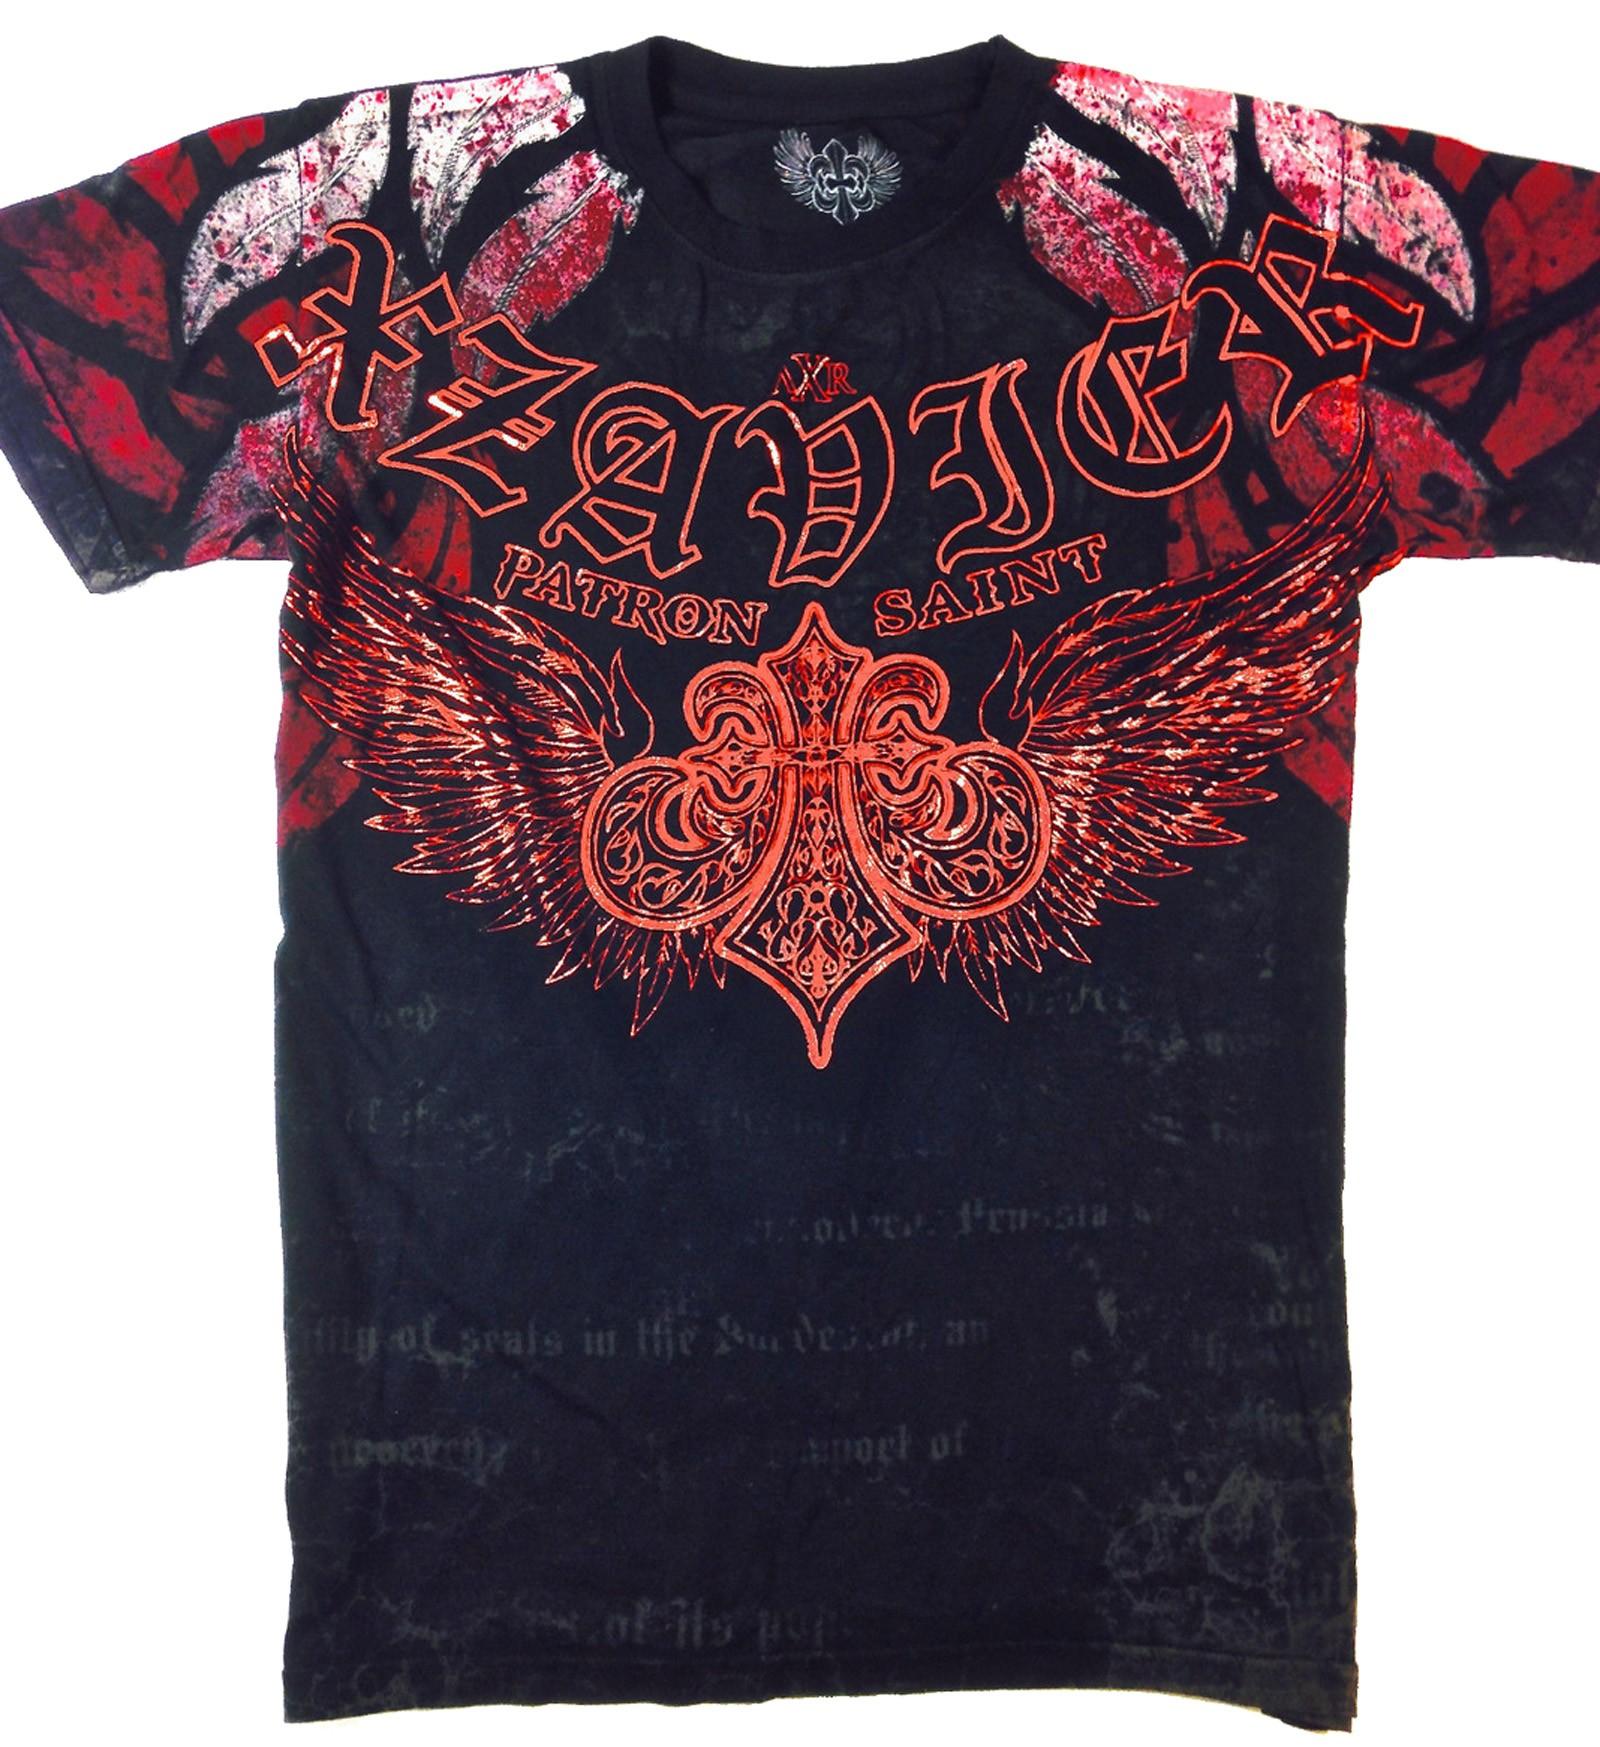 Xzavier - Sunfire T-Shirt Front